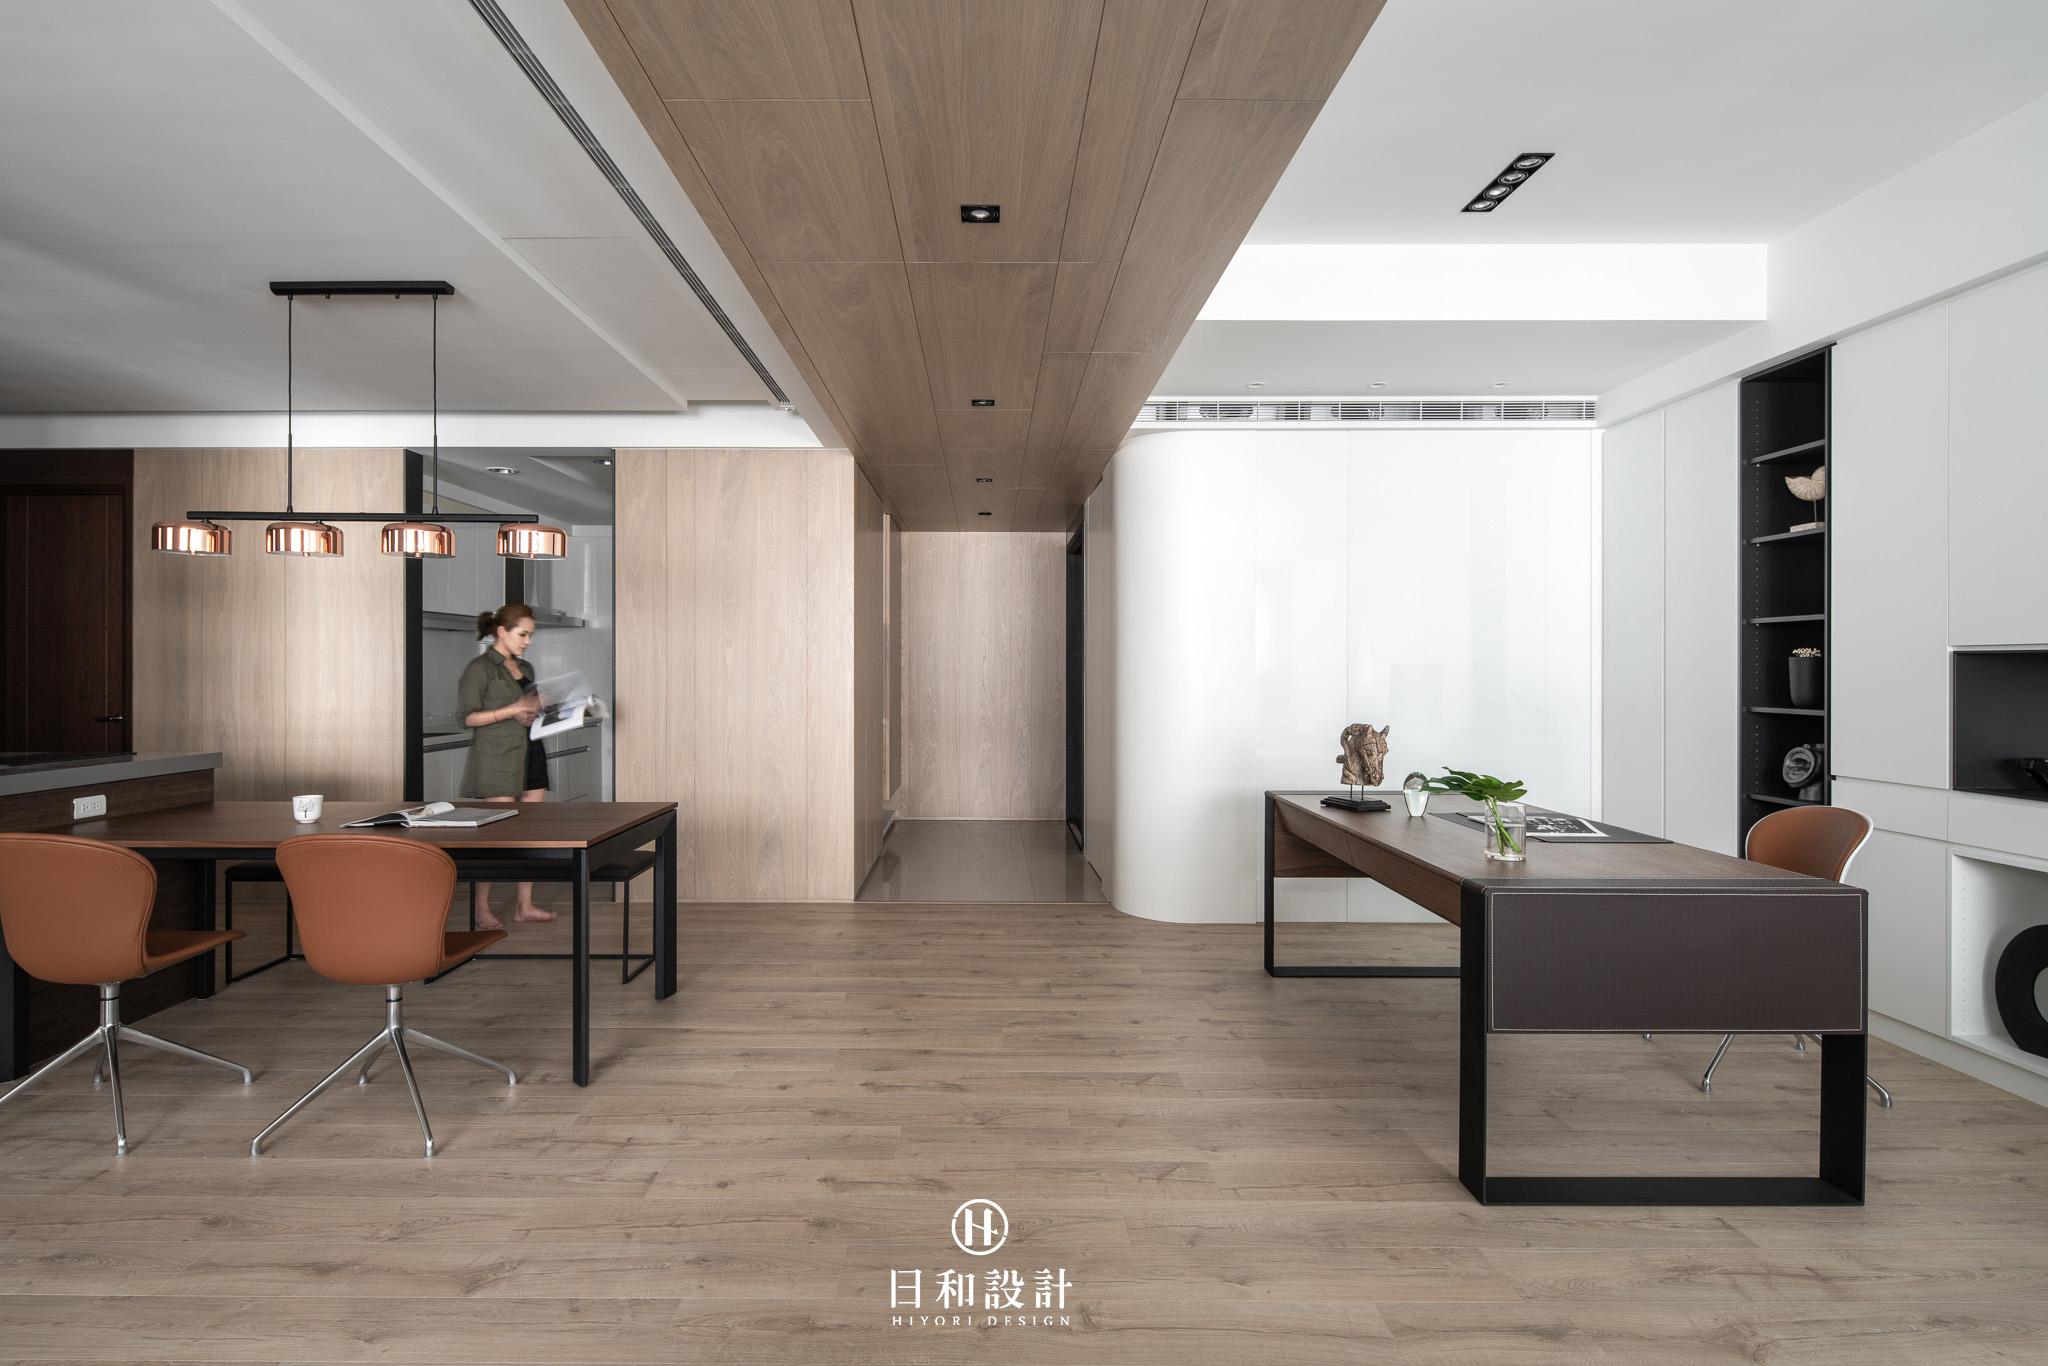 interior-11